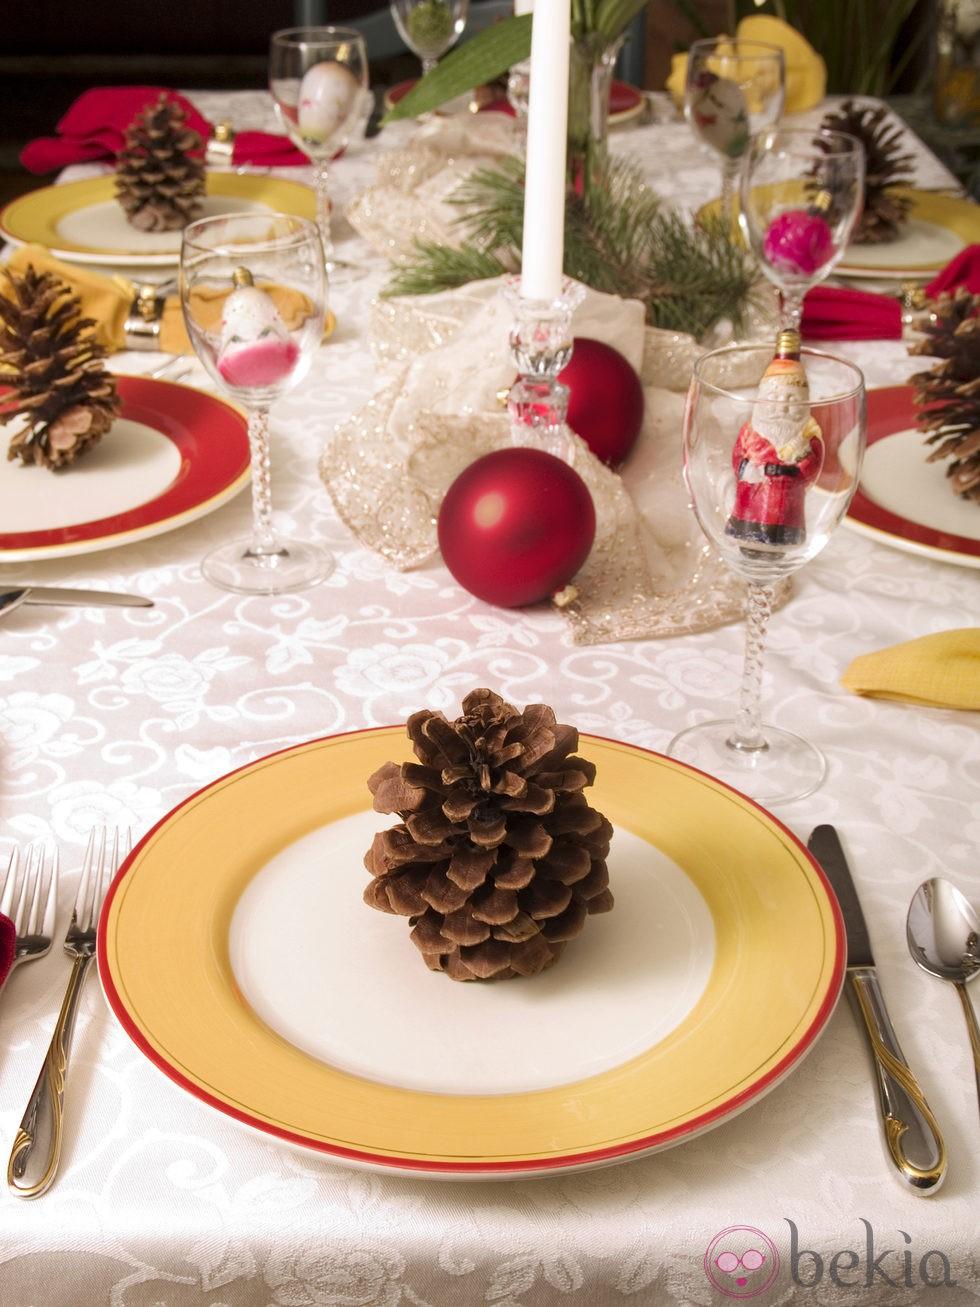 Como decorar una fiesta de graduacion en casa mejor - Preparar mesa navidad ...